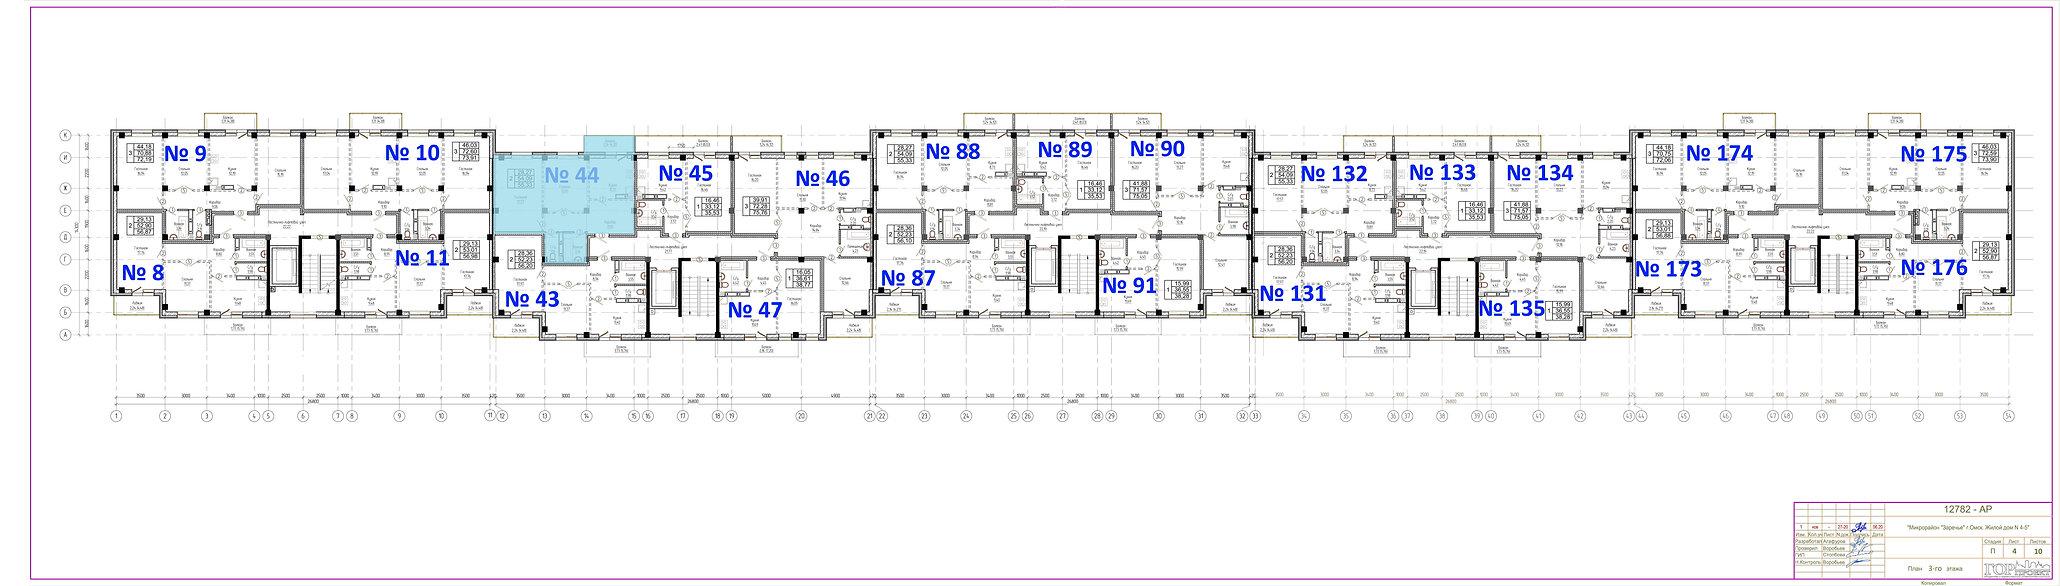 3 этаж кв 44.jpg